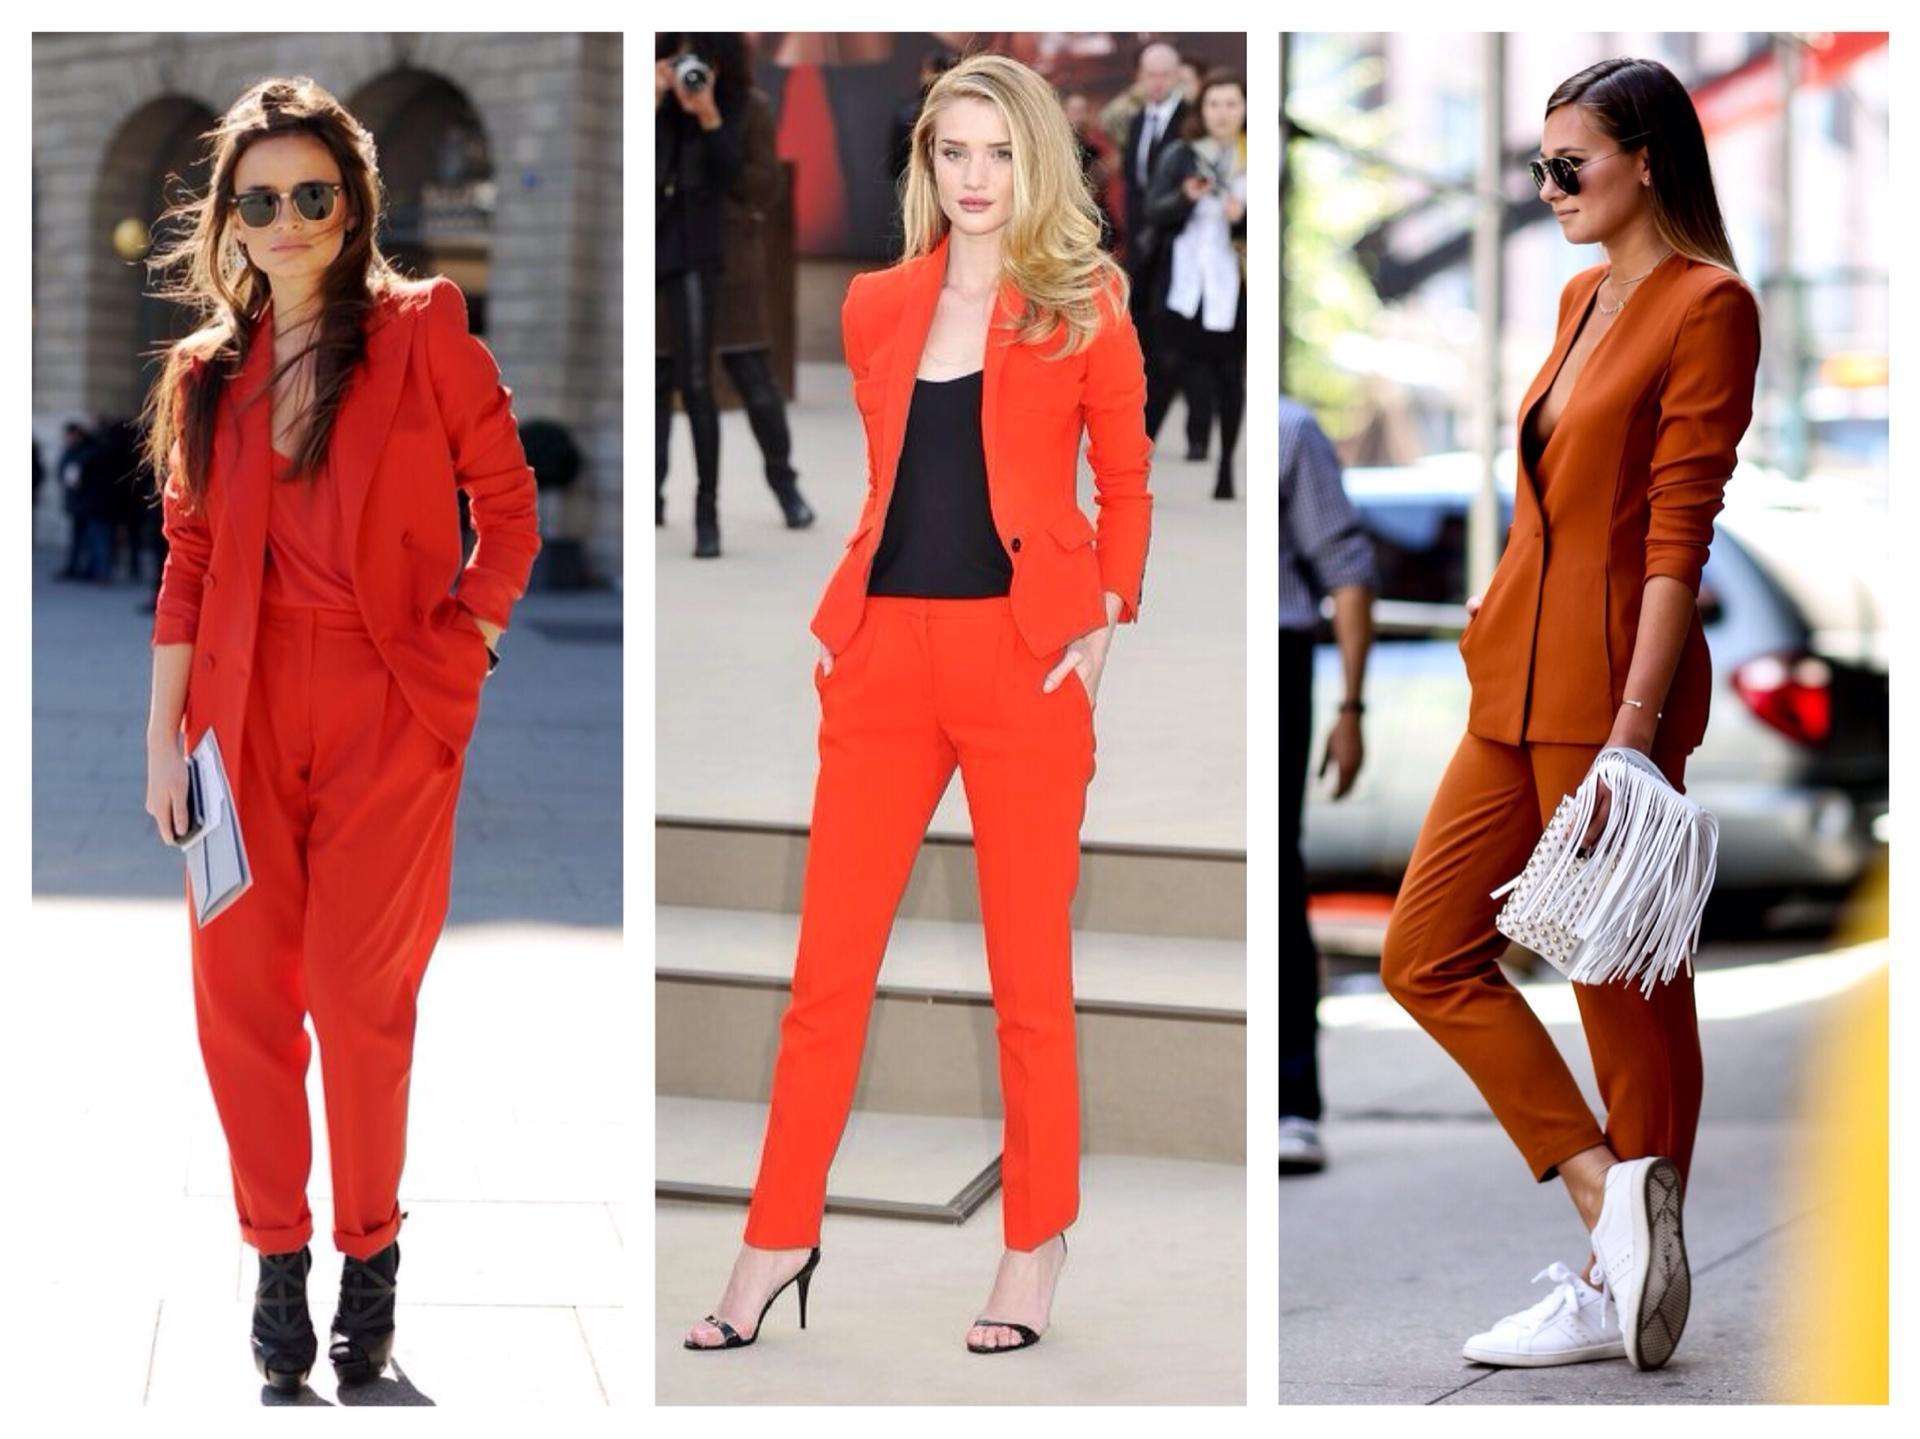 С чем можно одеть юбку оранжевого цвета